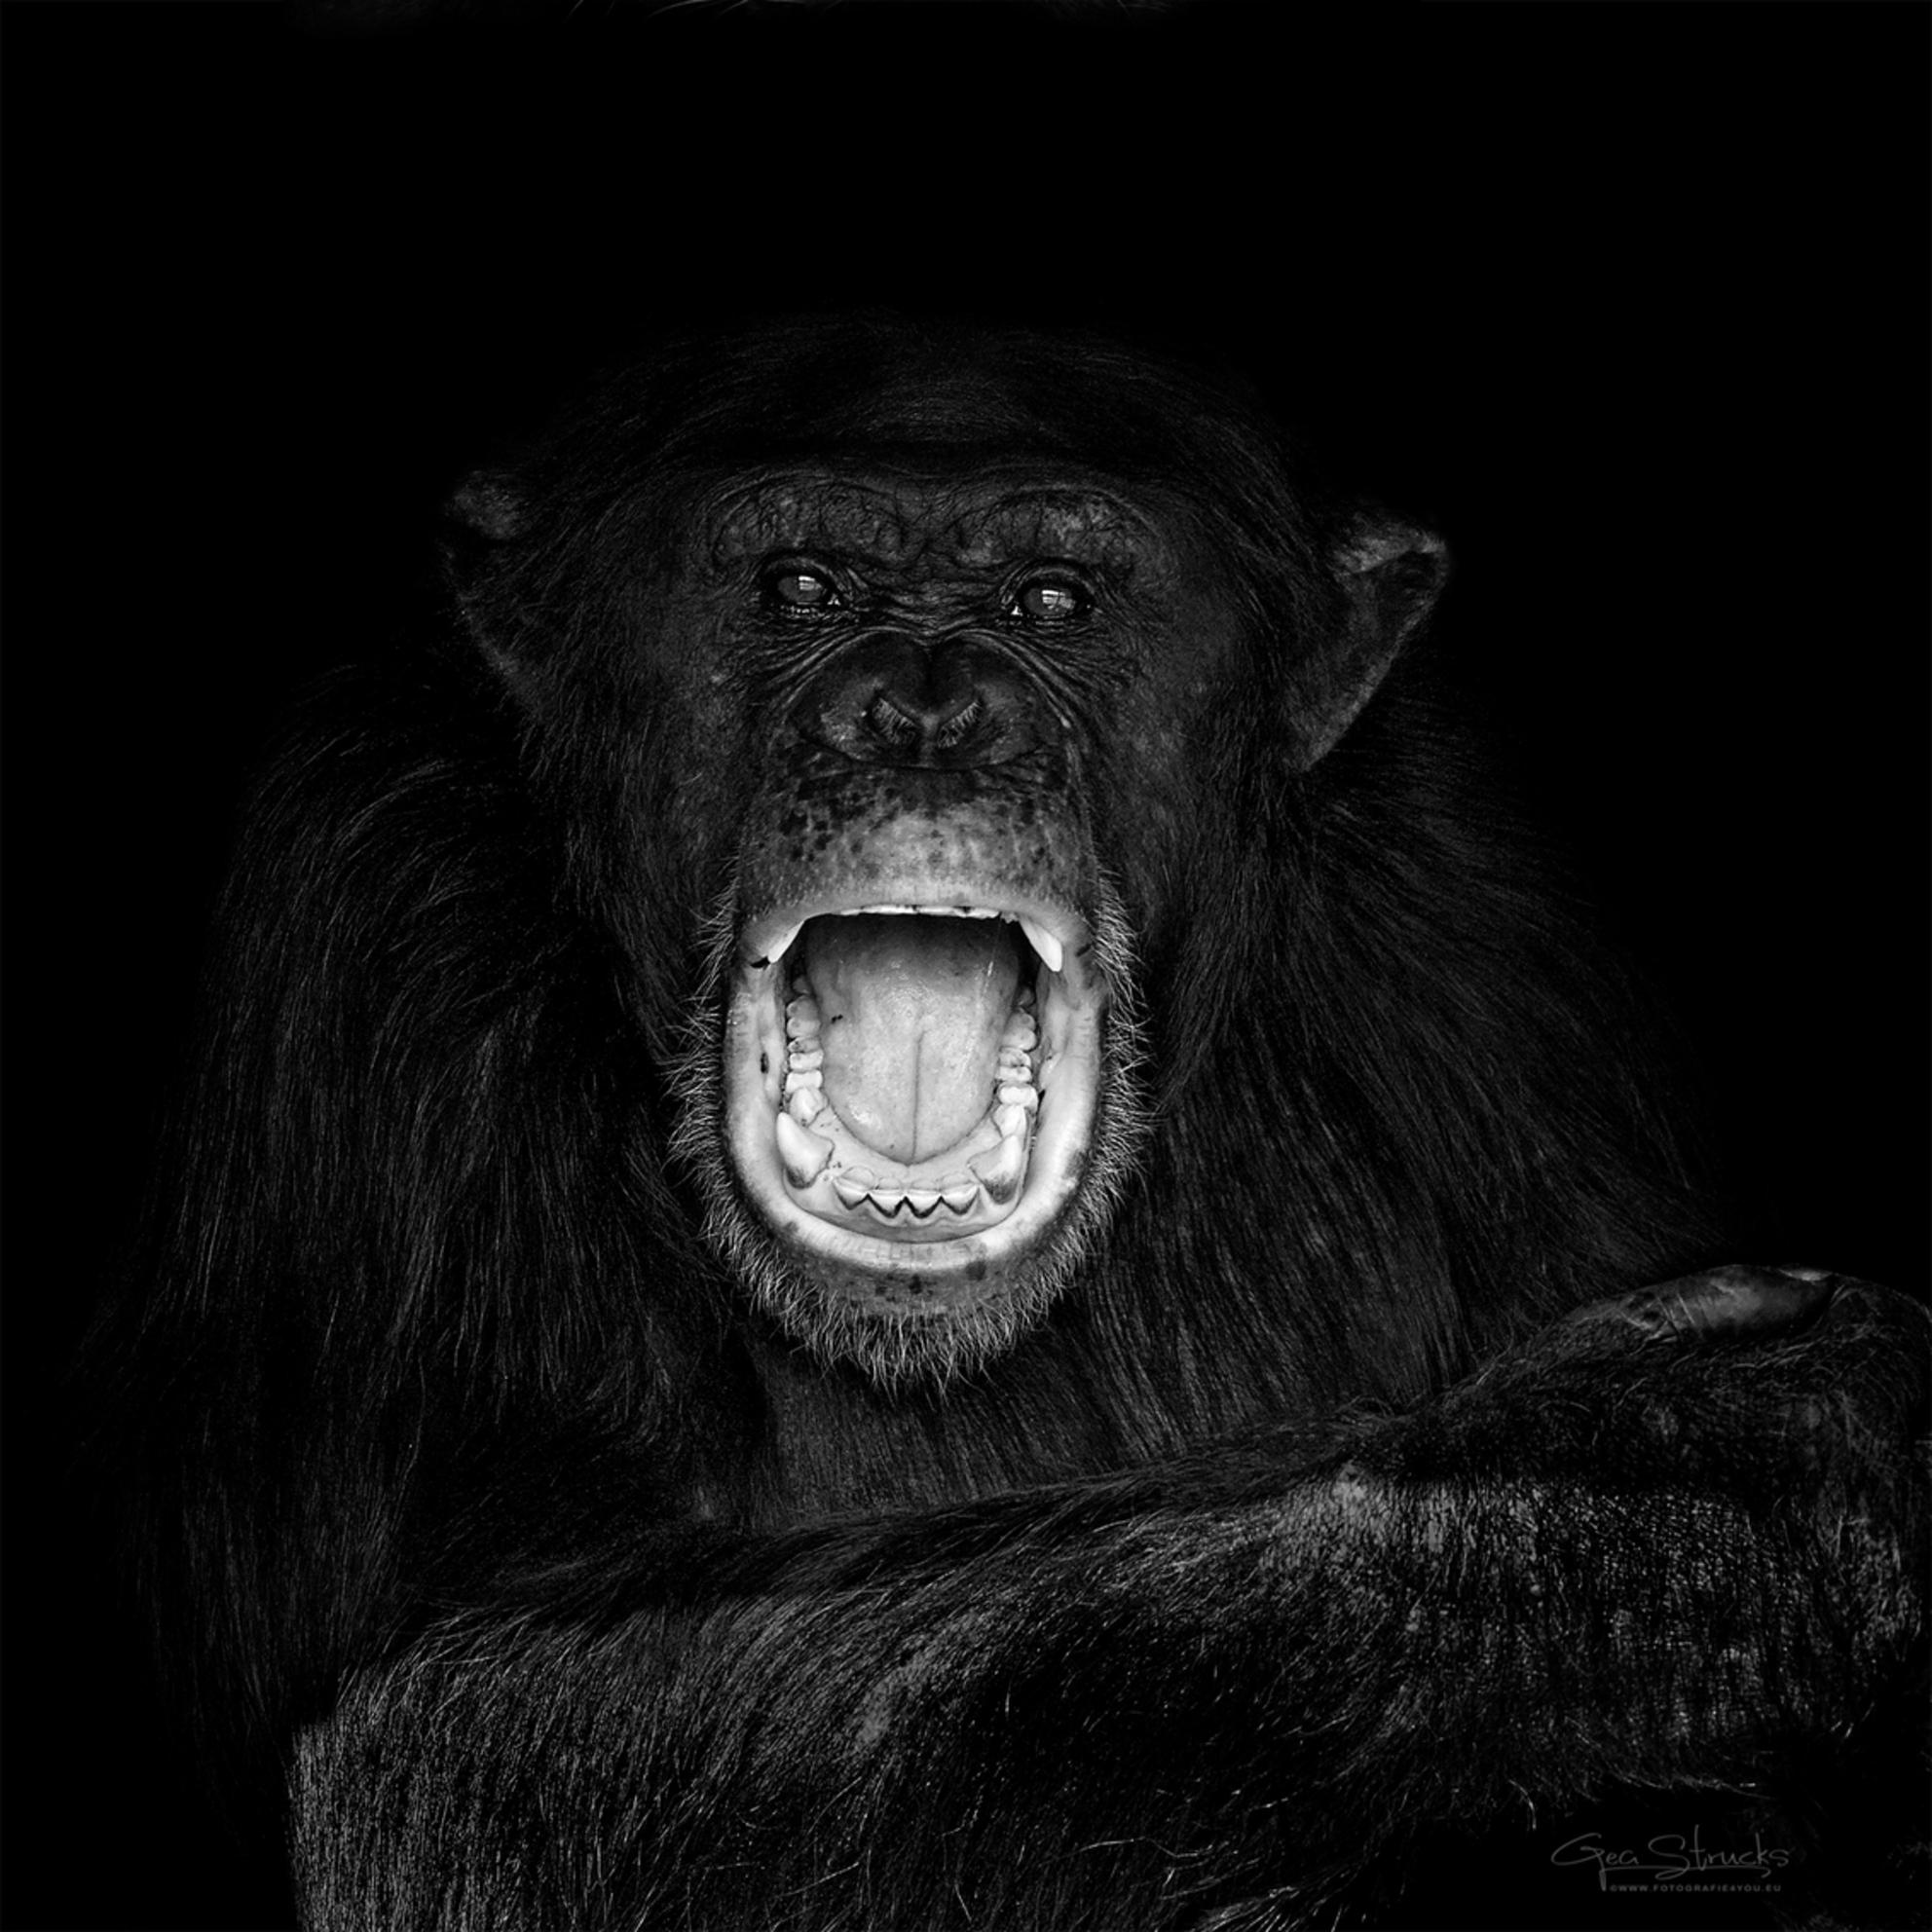 Chimpsceamjpg - Deze chimp was vreselijk aan het schreeuwen. Gewoon uit frustratie denk ik, maar toch mooi voor het plaatje - foto door madcorona op 16-10-2020 - deze foto bevat: aap - Deze foto mag gebruikt worden in een Zoom.nl publicatie